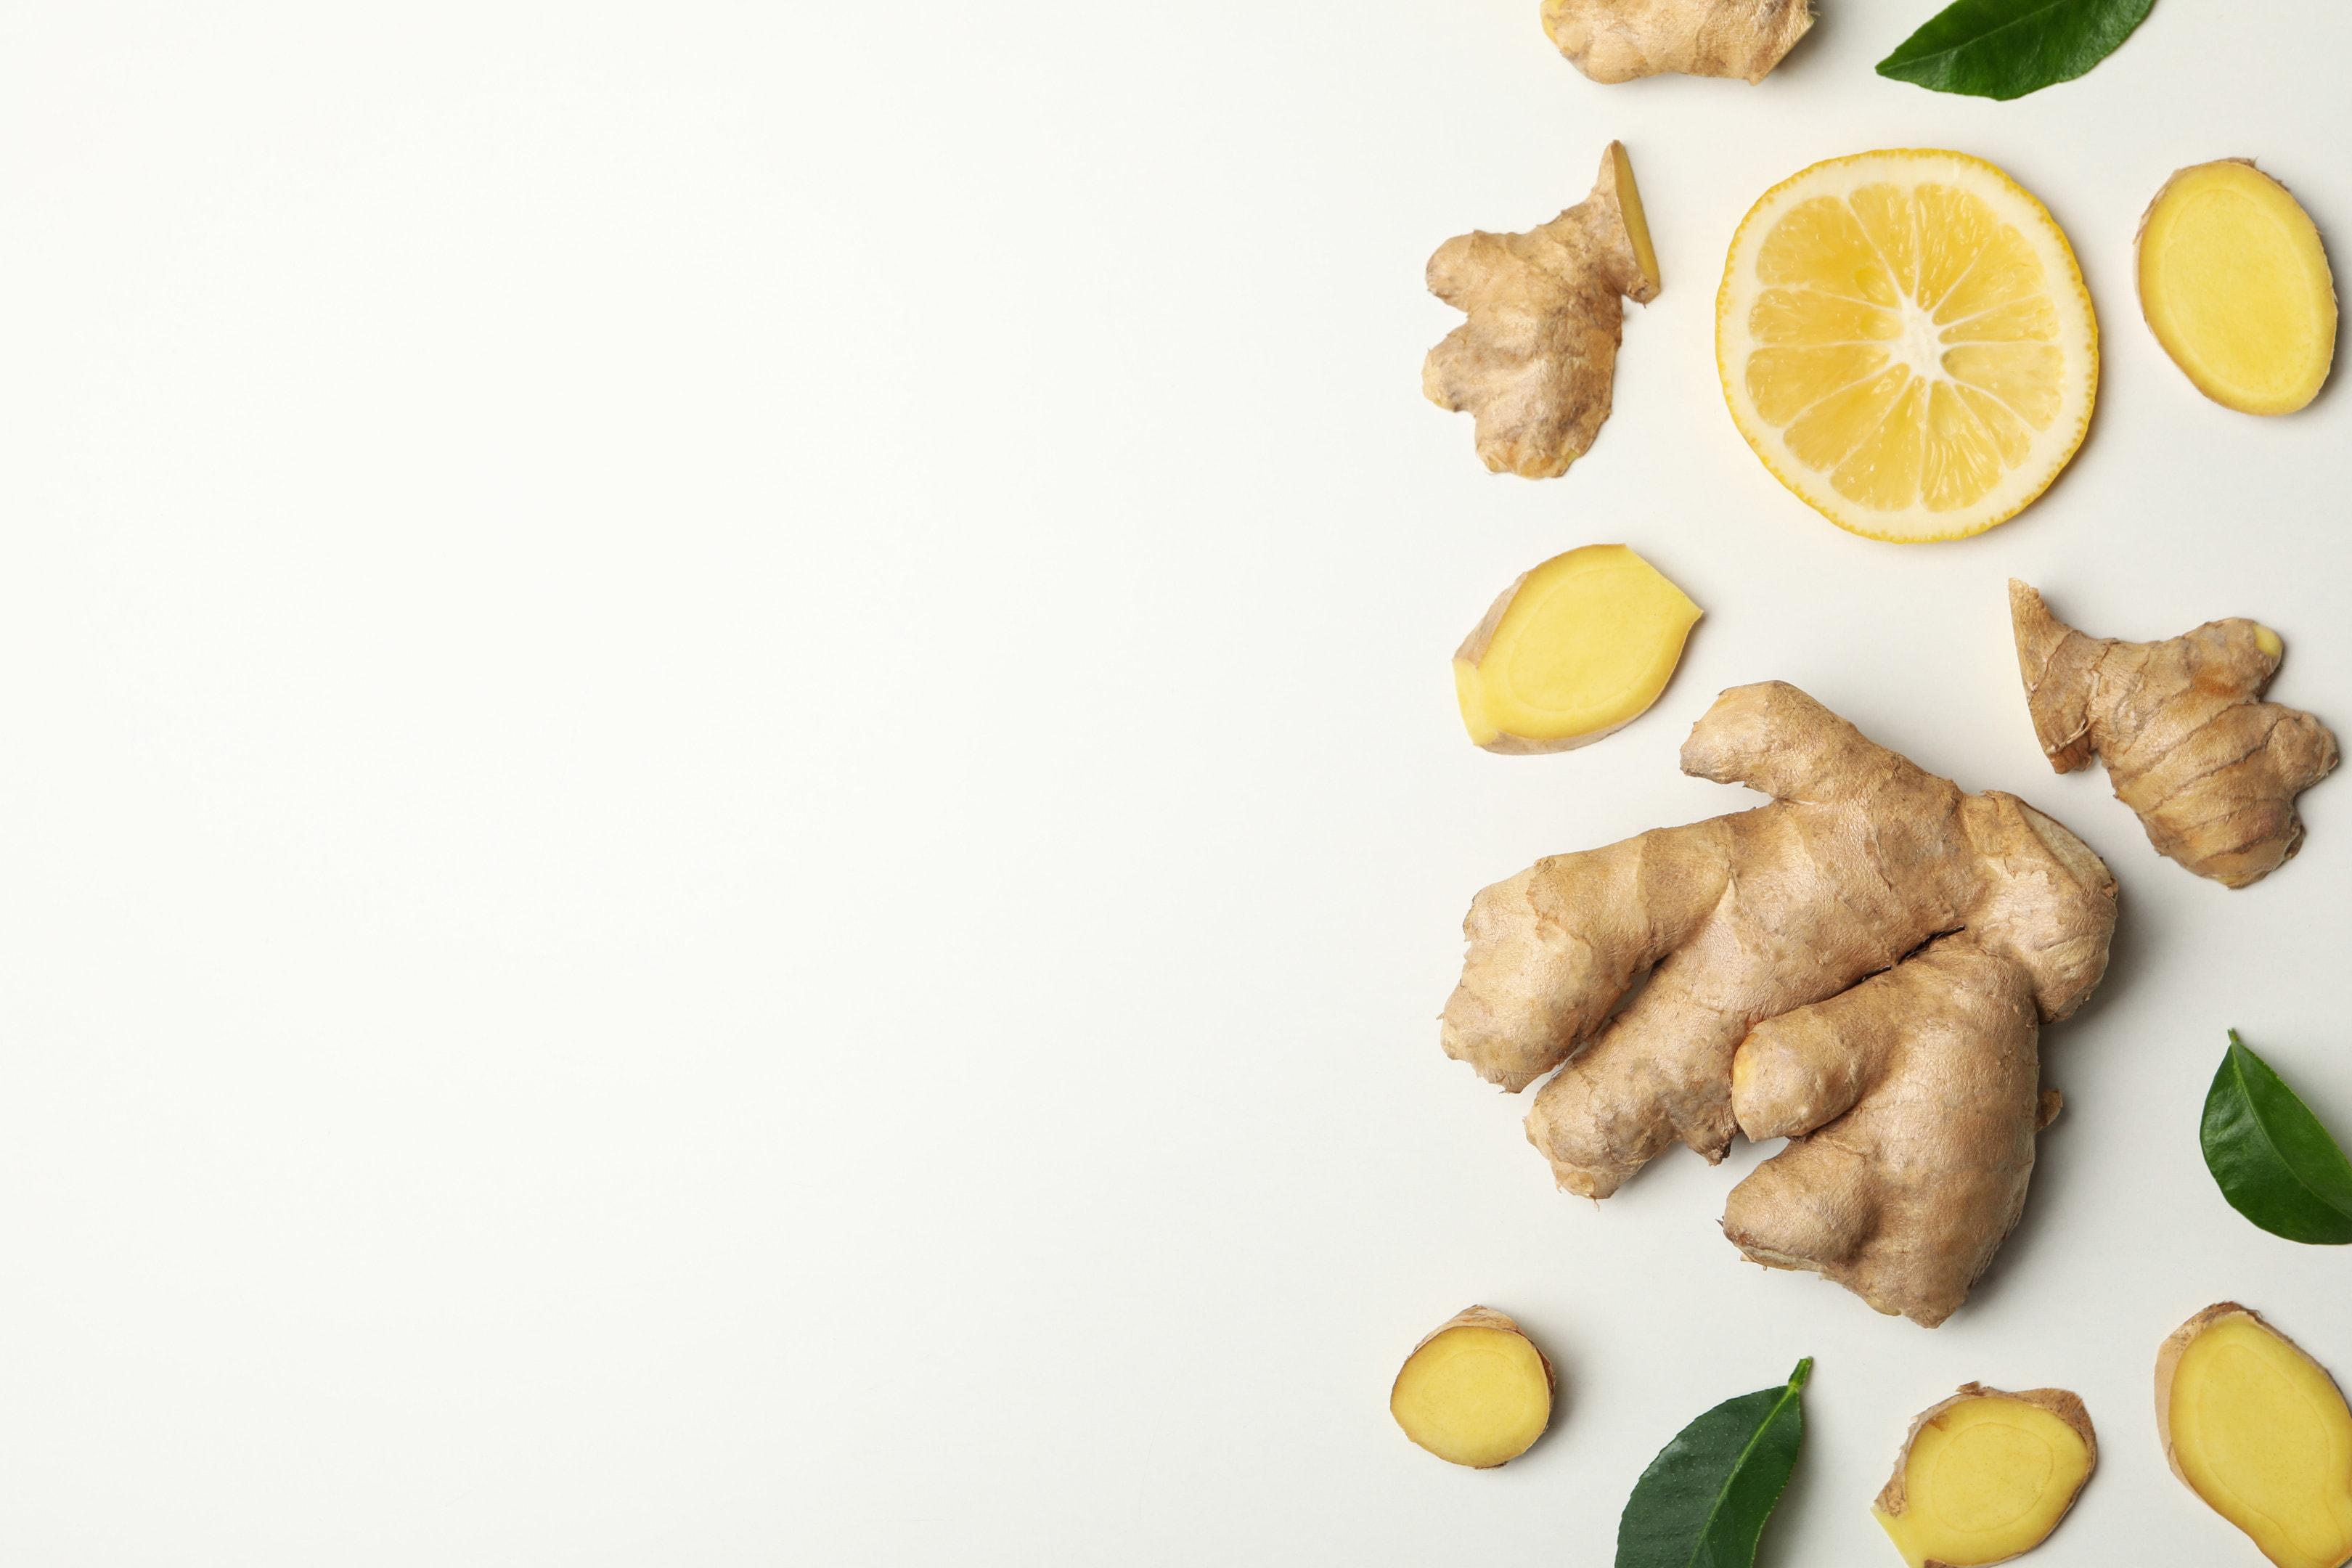 Fresh ginger and lemon on white background